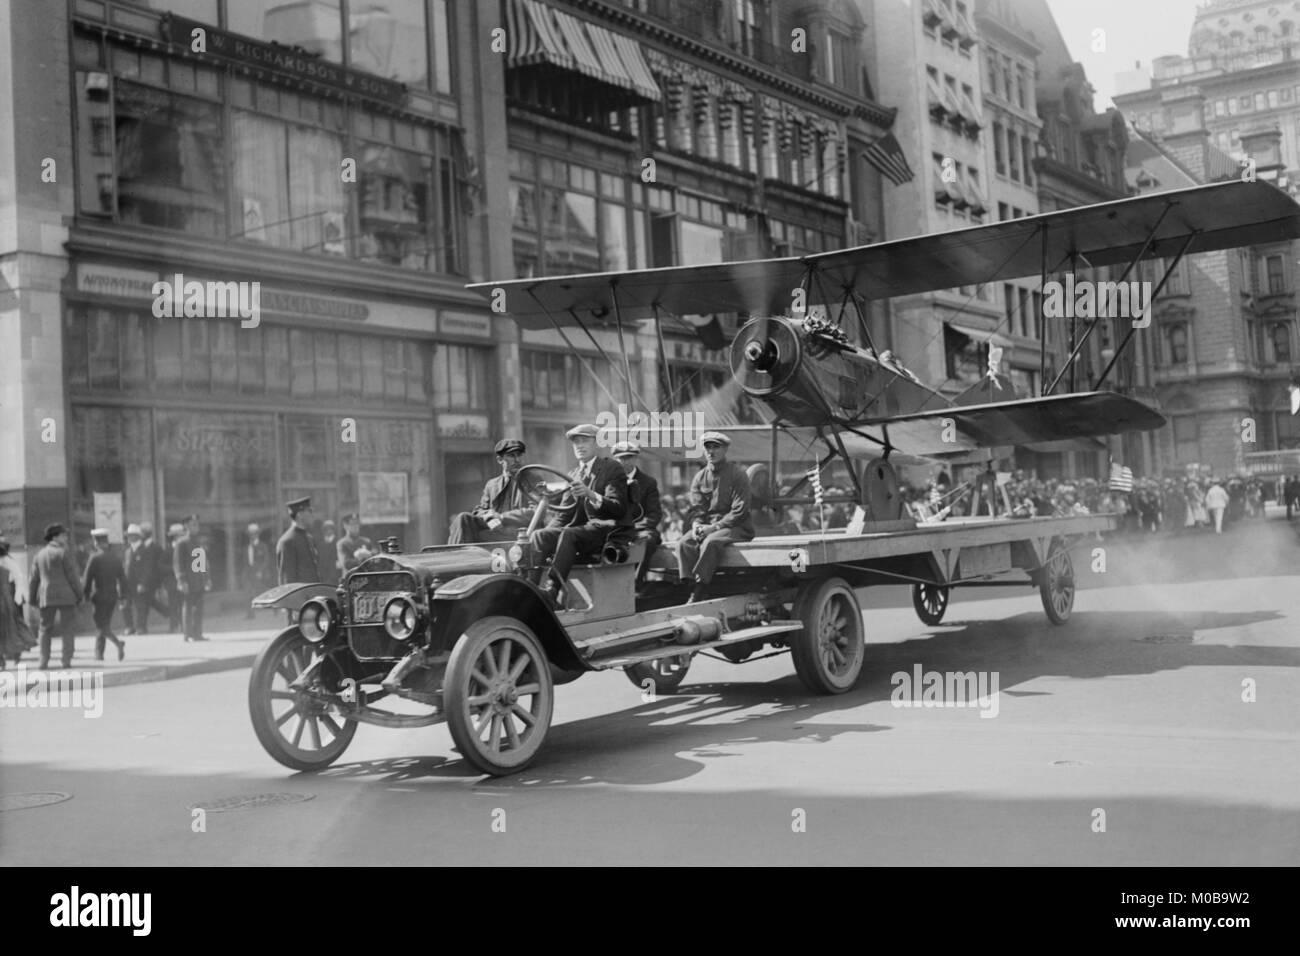 Biplano con hélice gira es remolcada por la Quinta Avenida de Nueva York para el desfile del 4 de julio Imagen De Stock